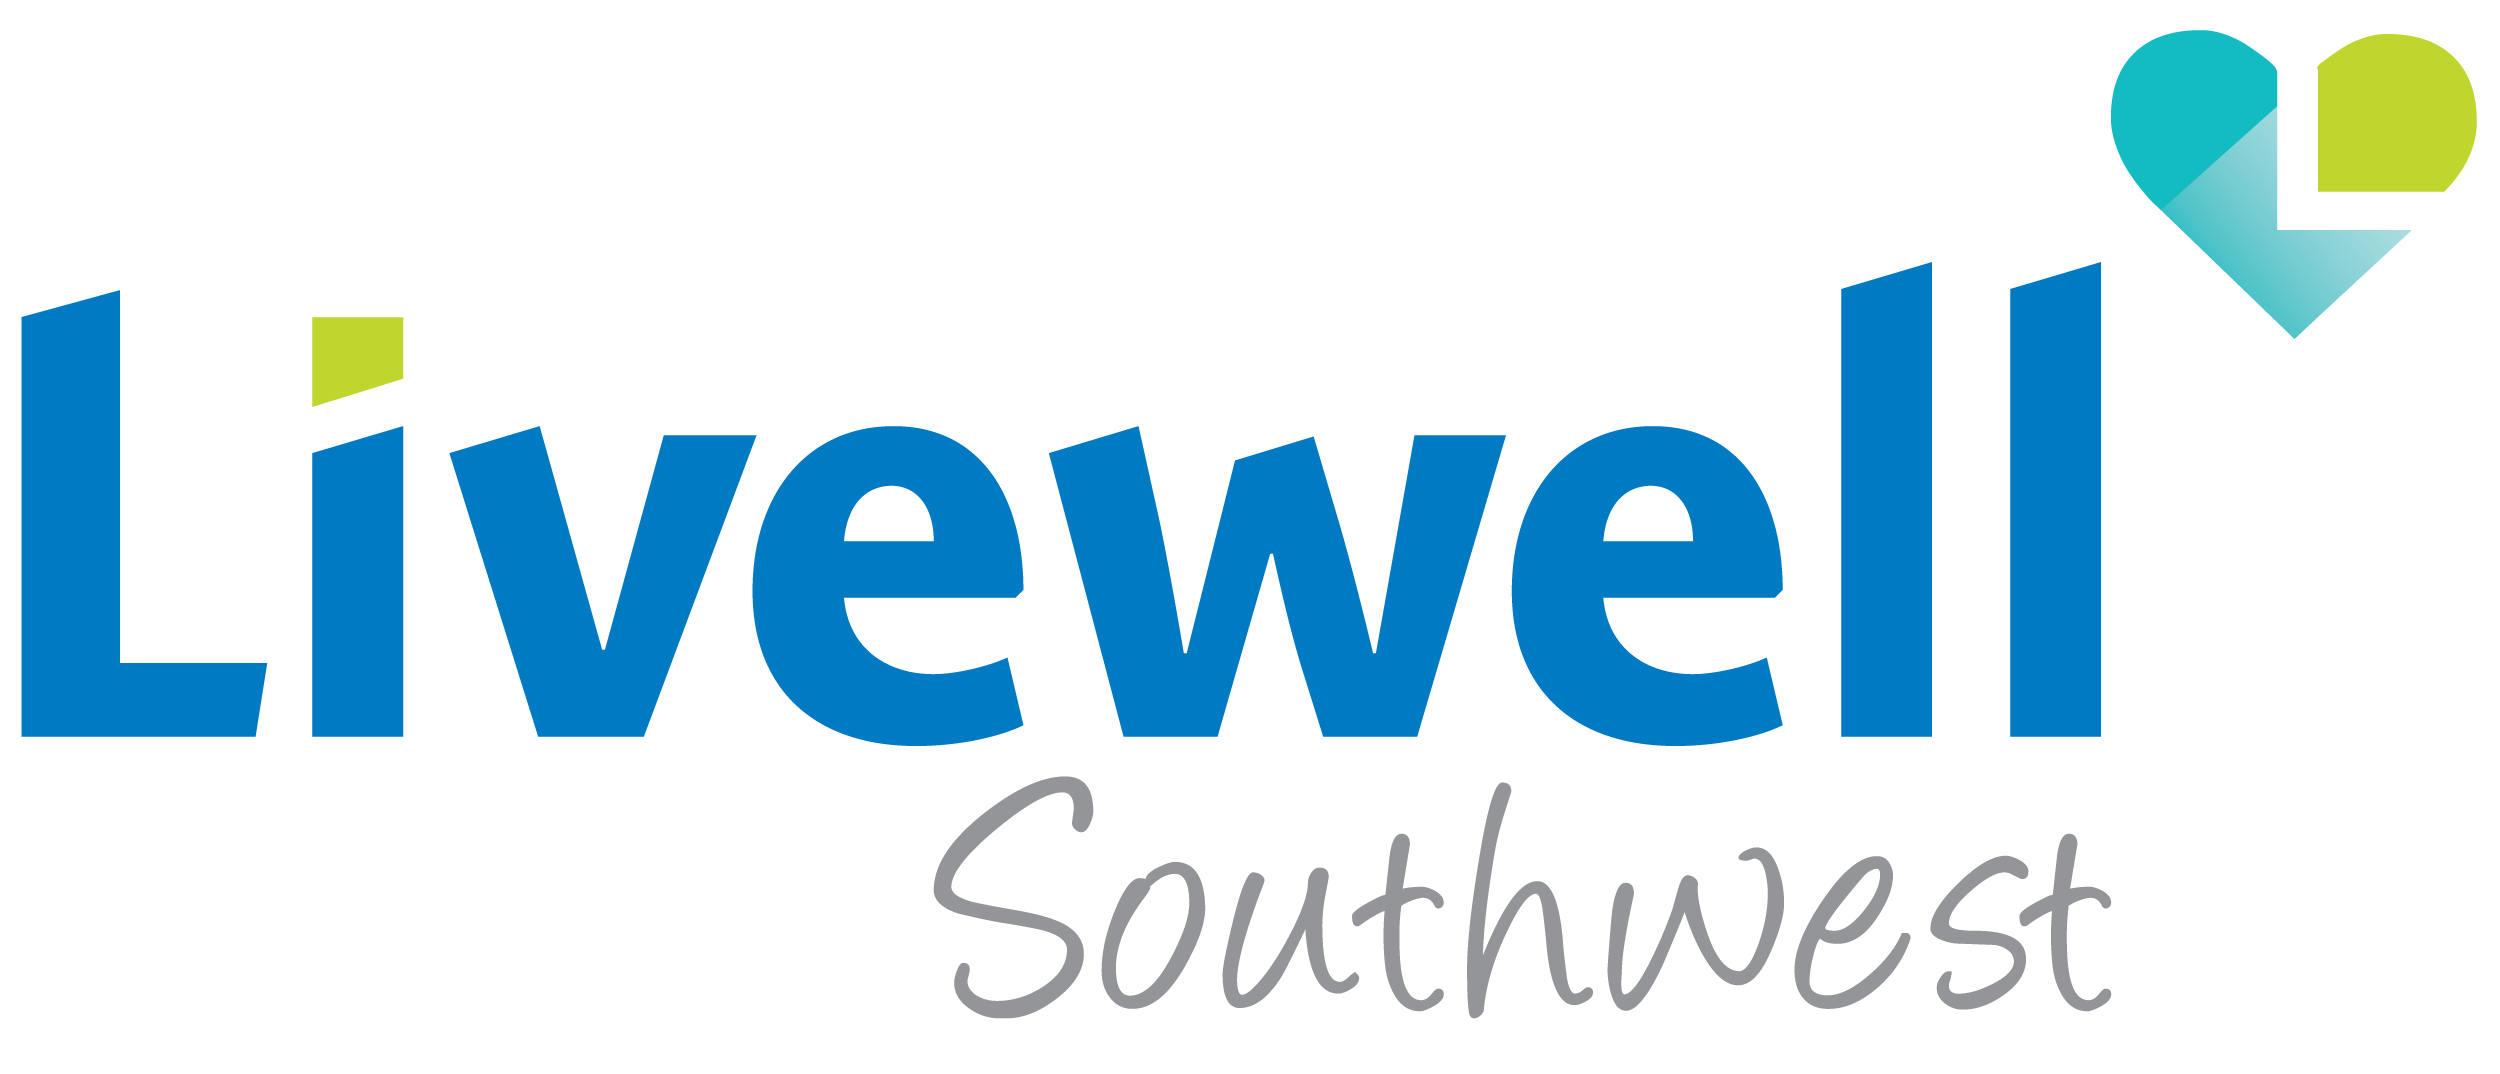 Livewell southwest sponsors of the Social Enterprise Festival